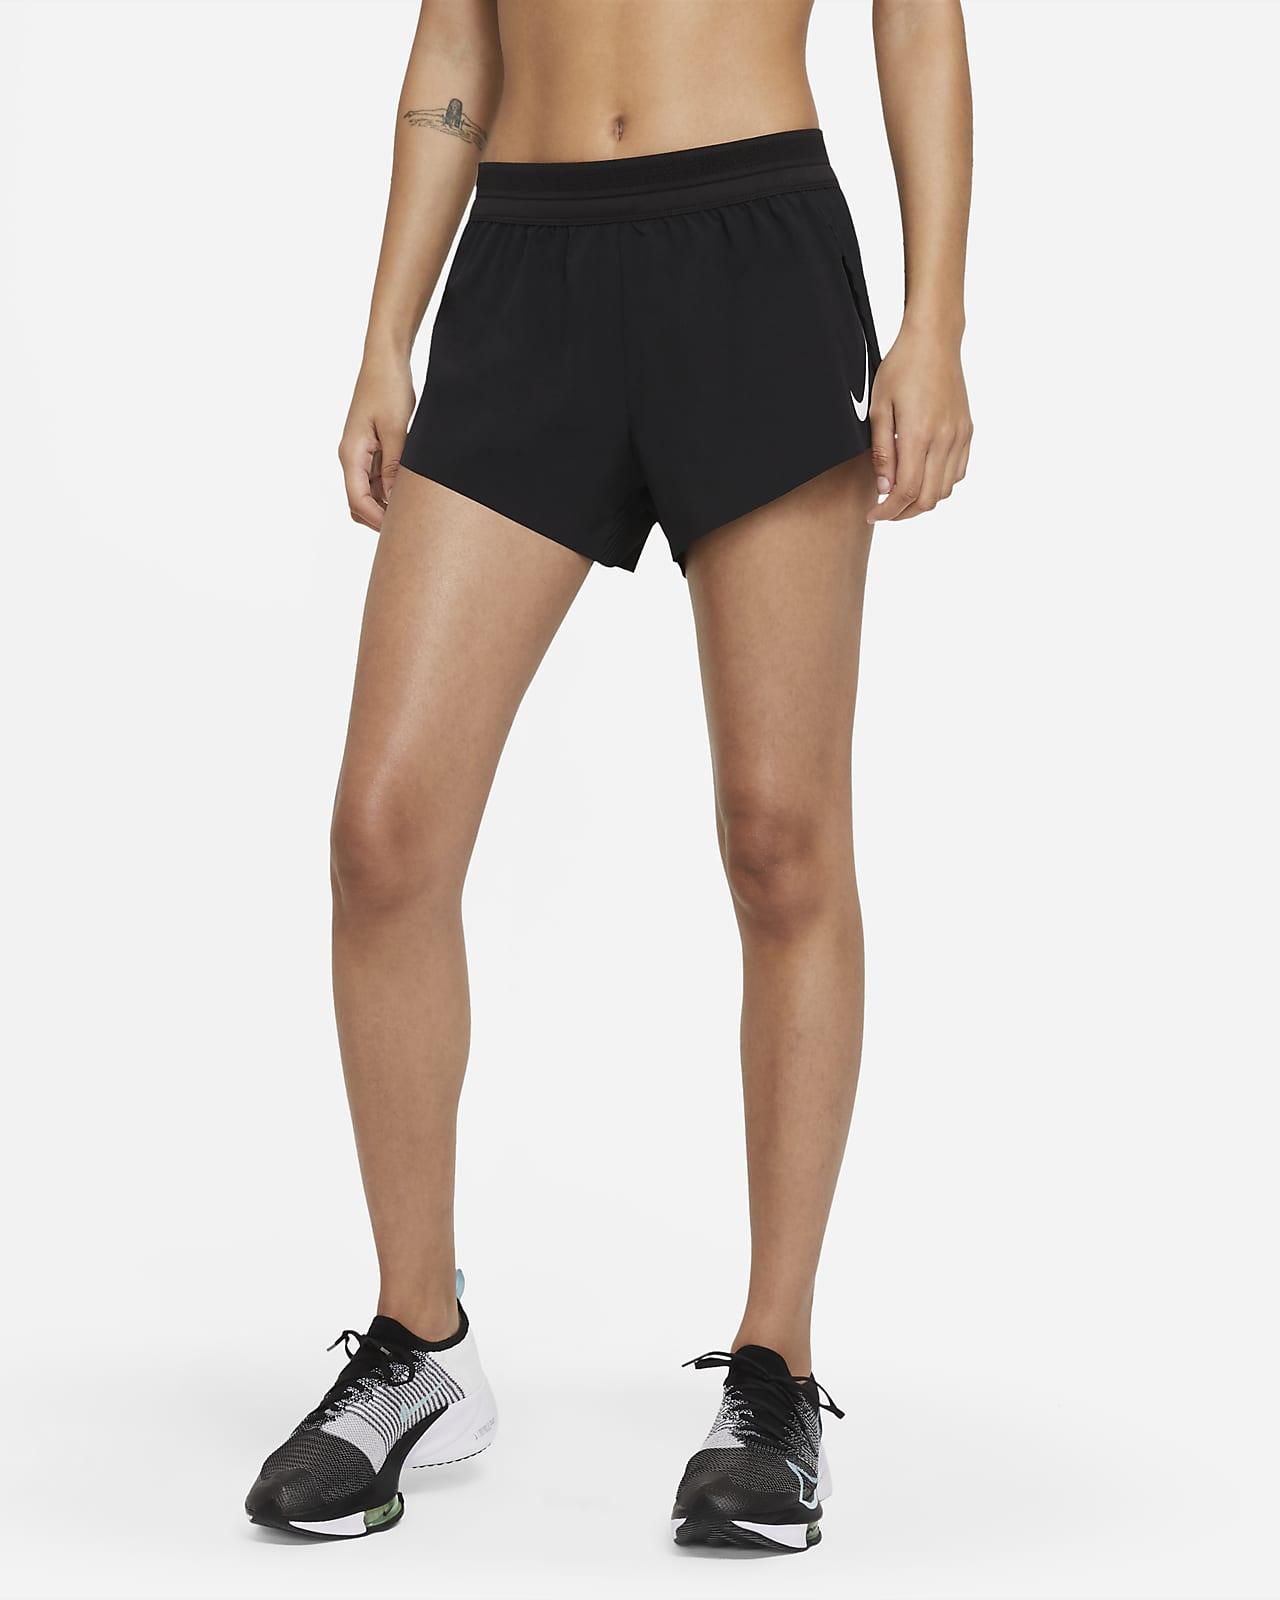 Nike AeroSwift női futórövidnadrág